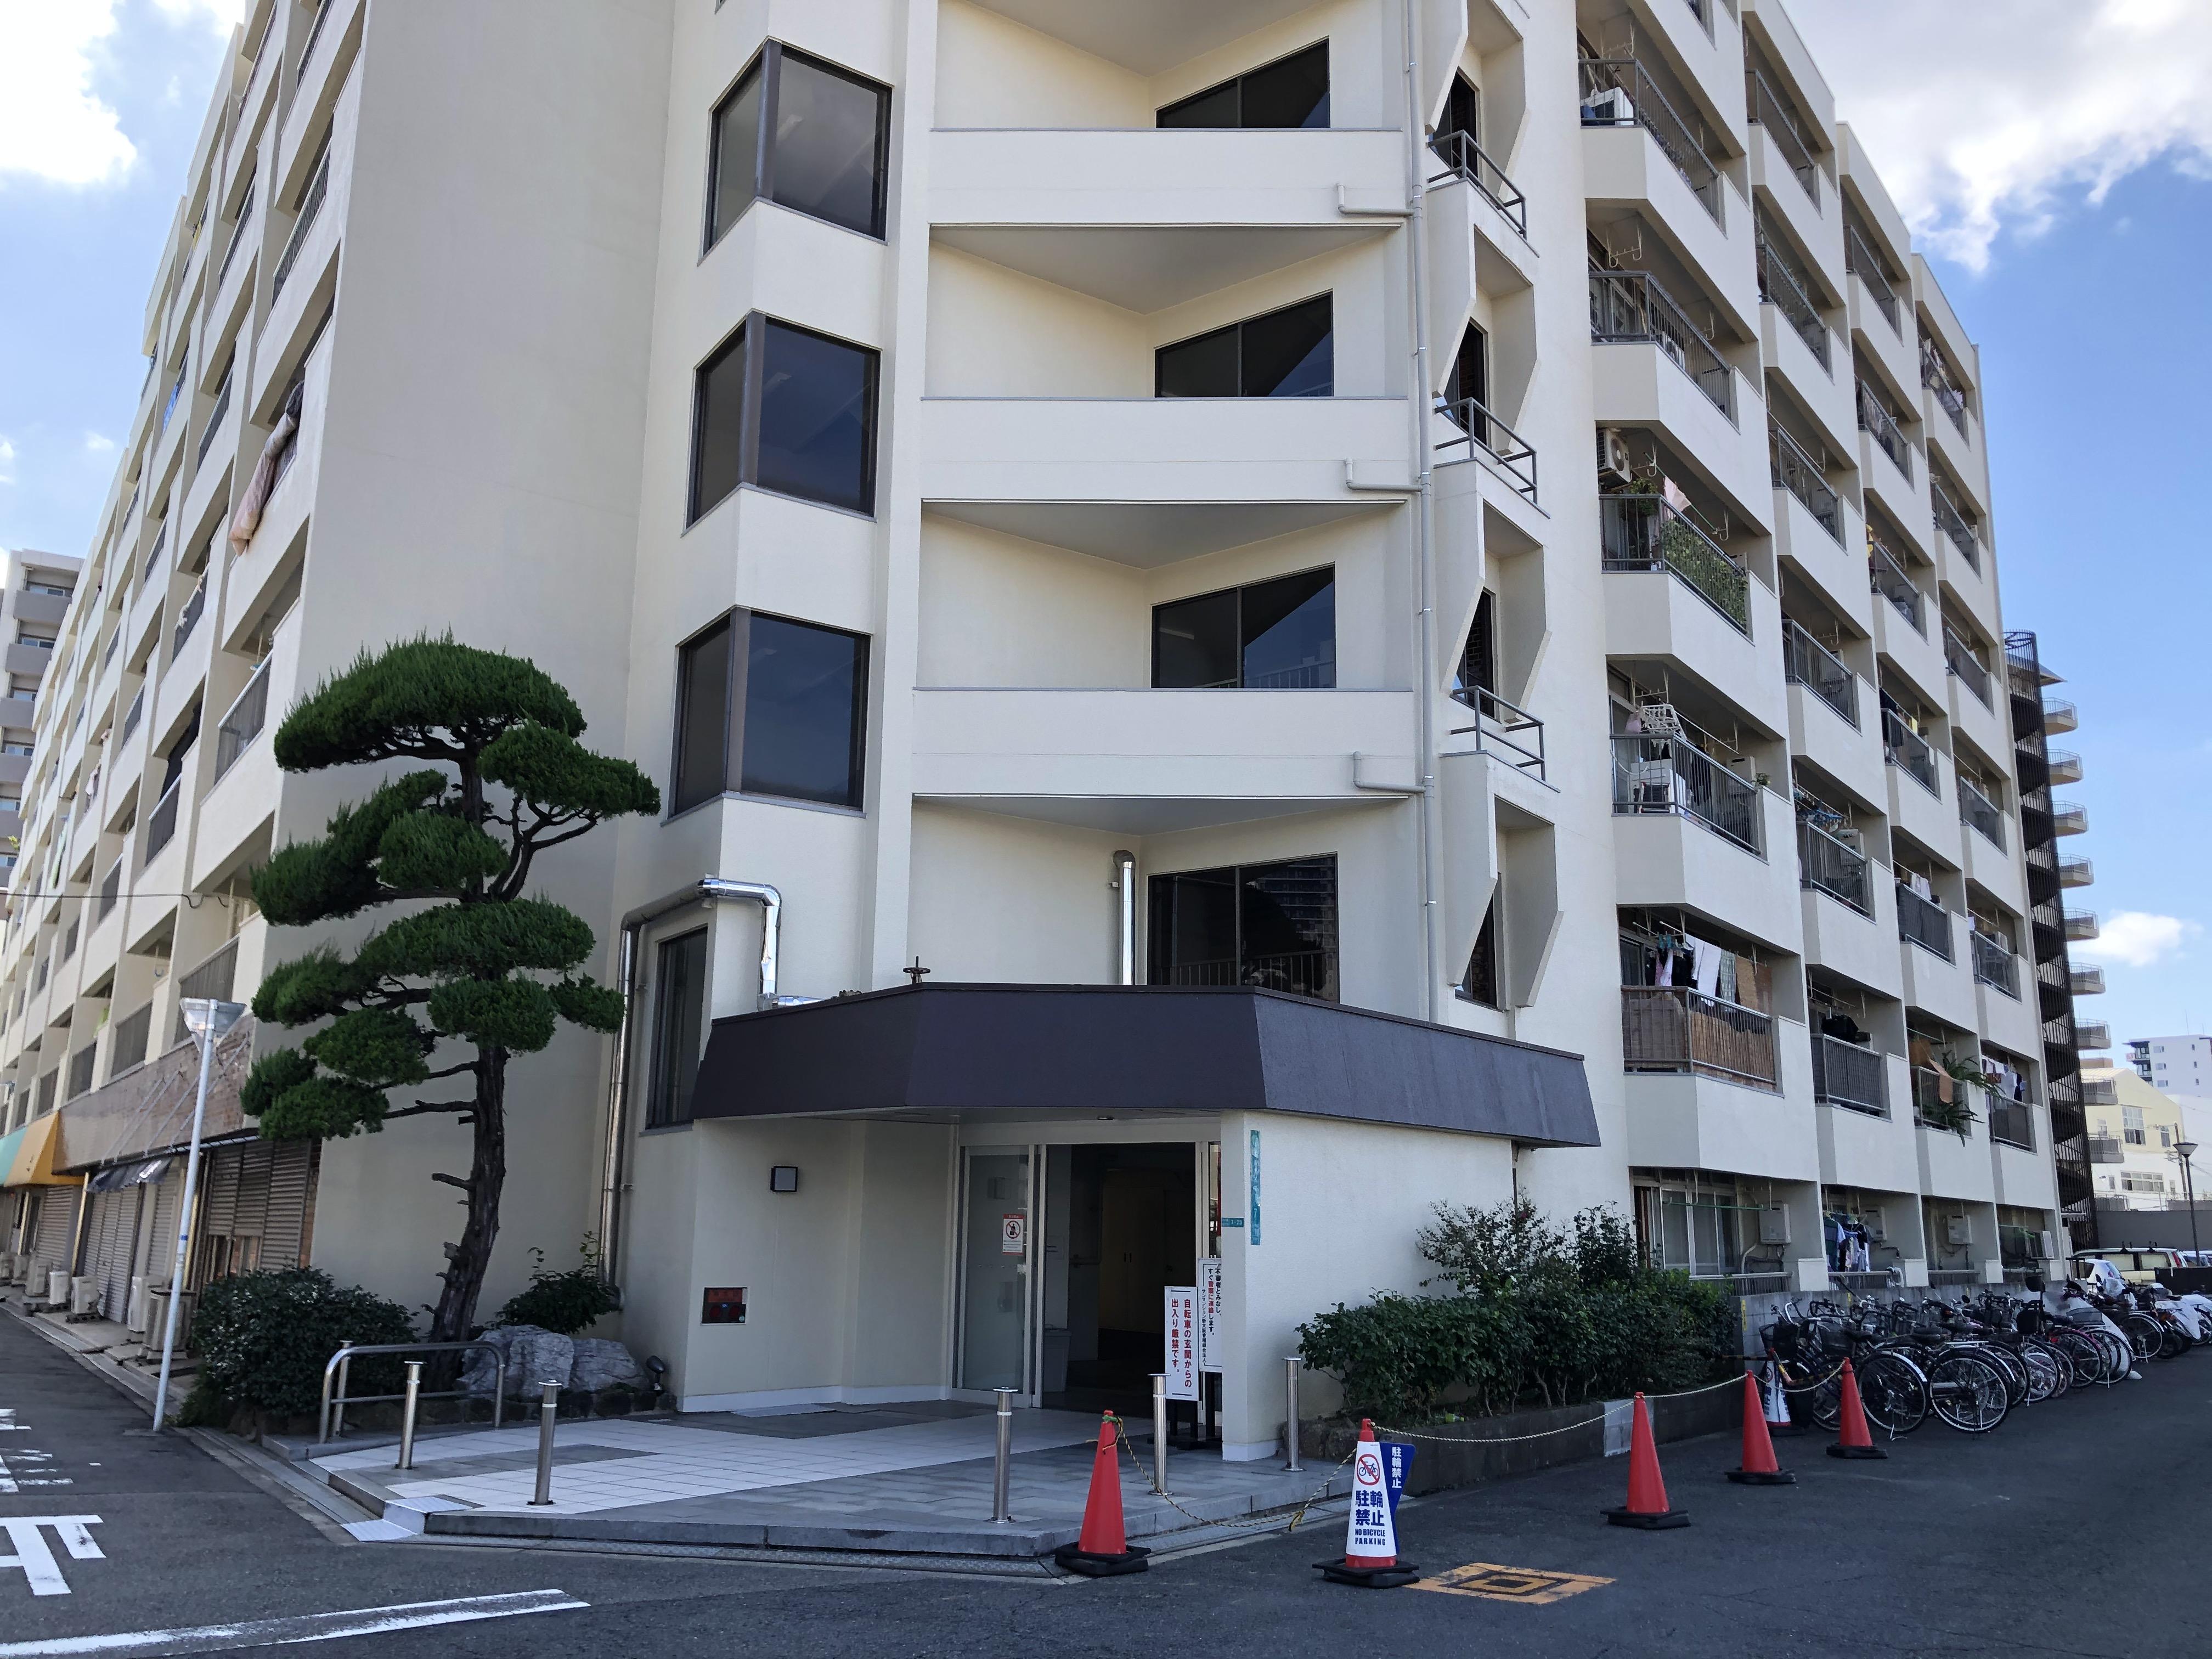 OsakaYODOGAWA-KU OSAKA-SHIElevator Building